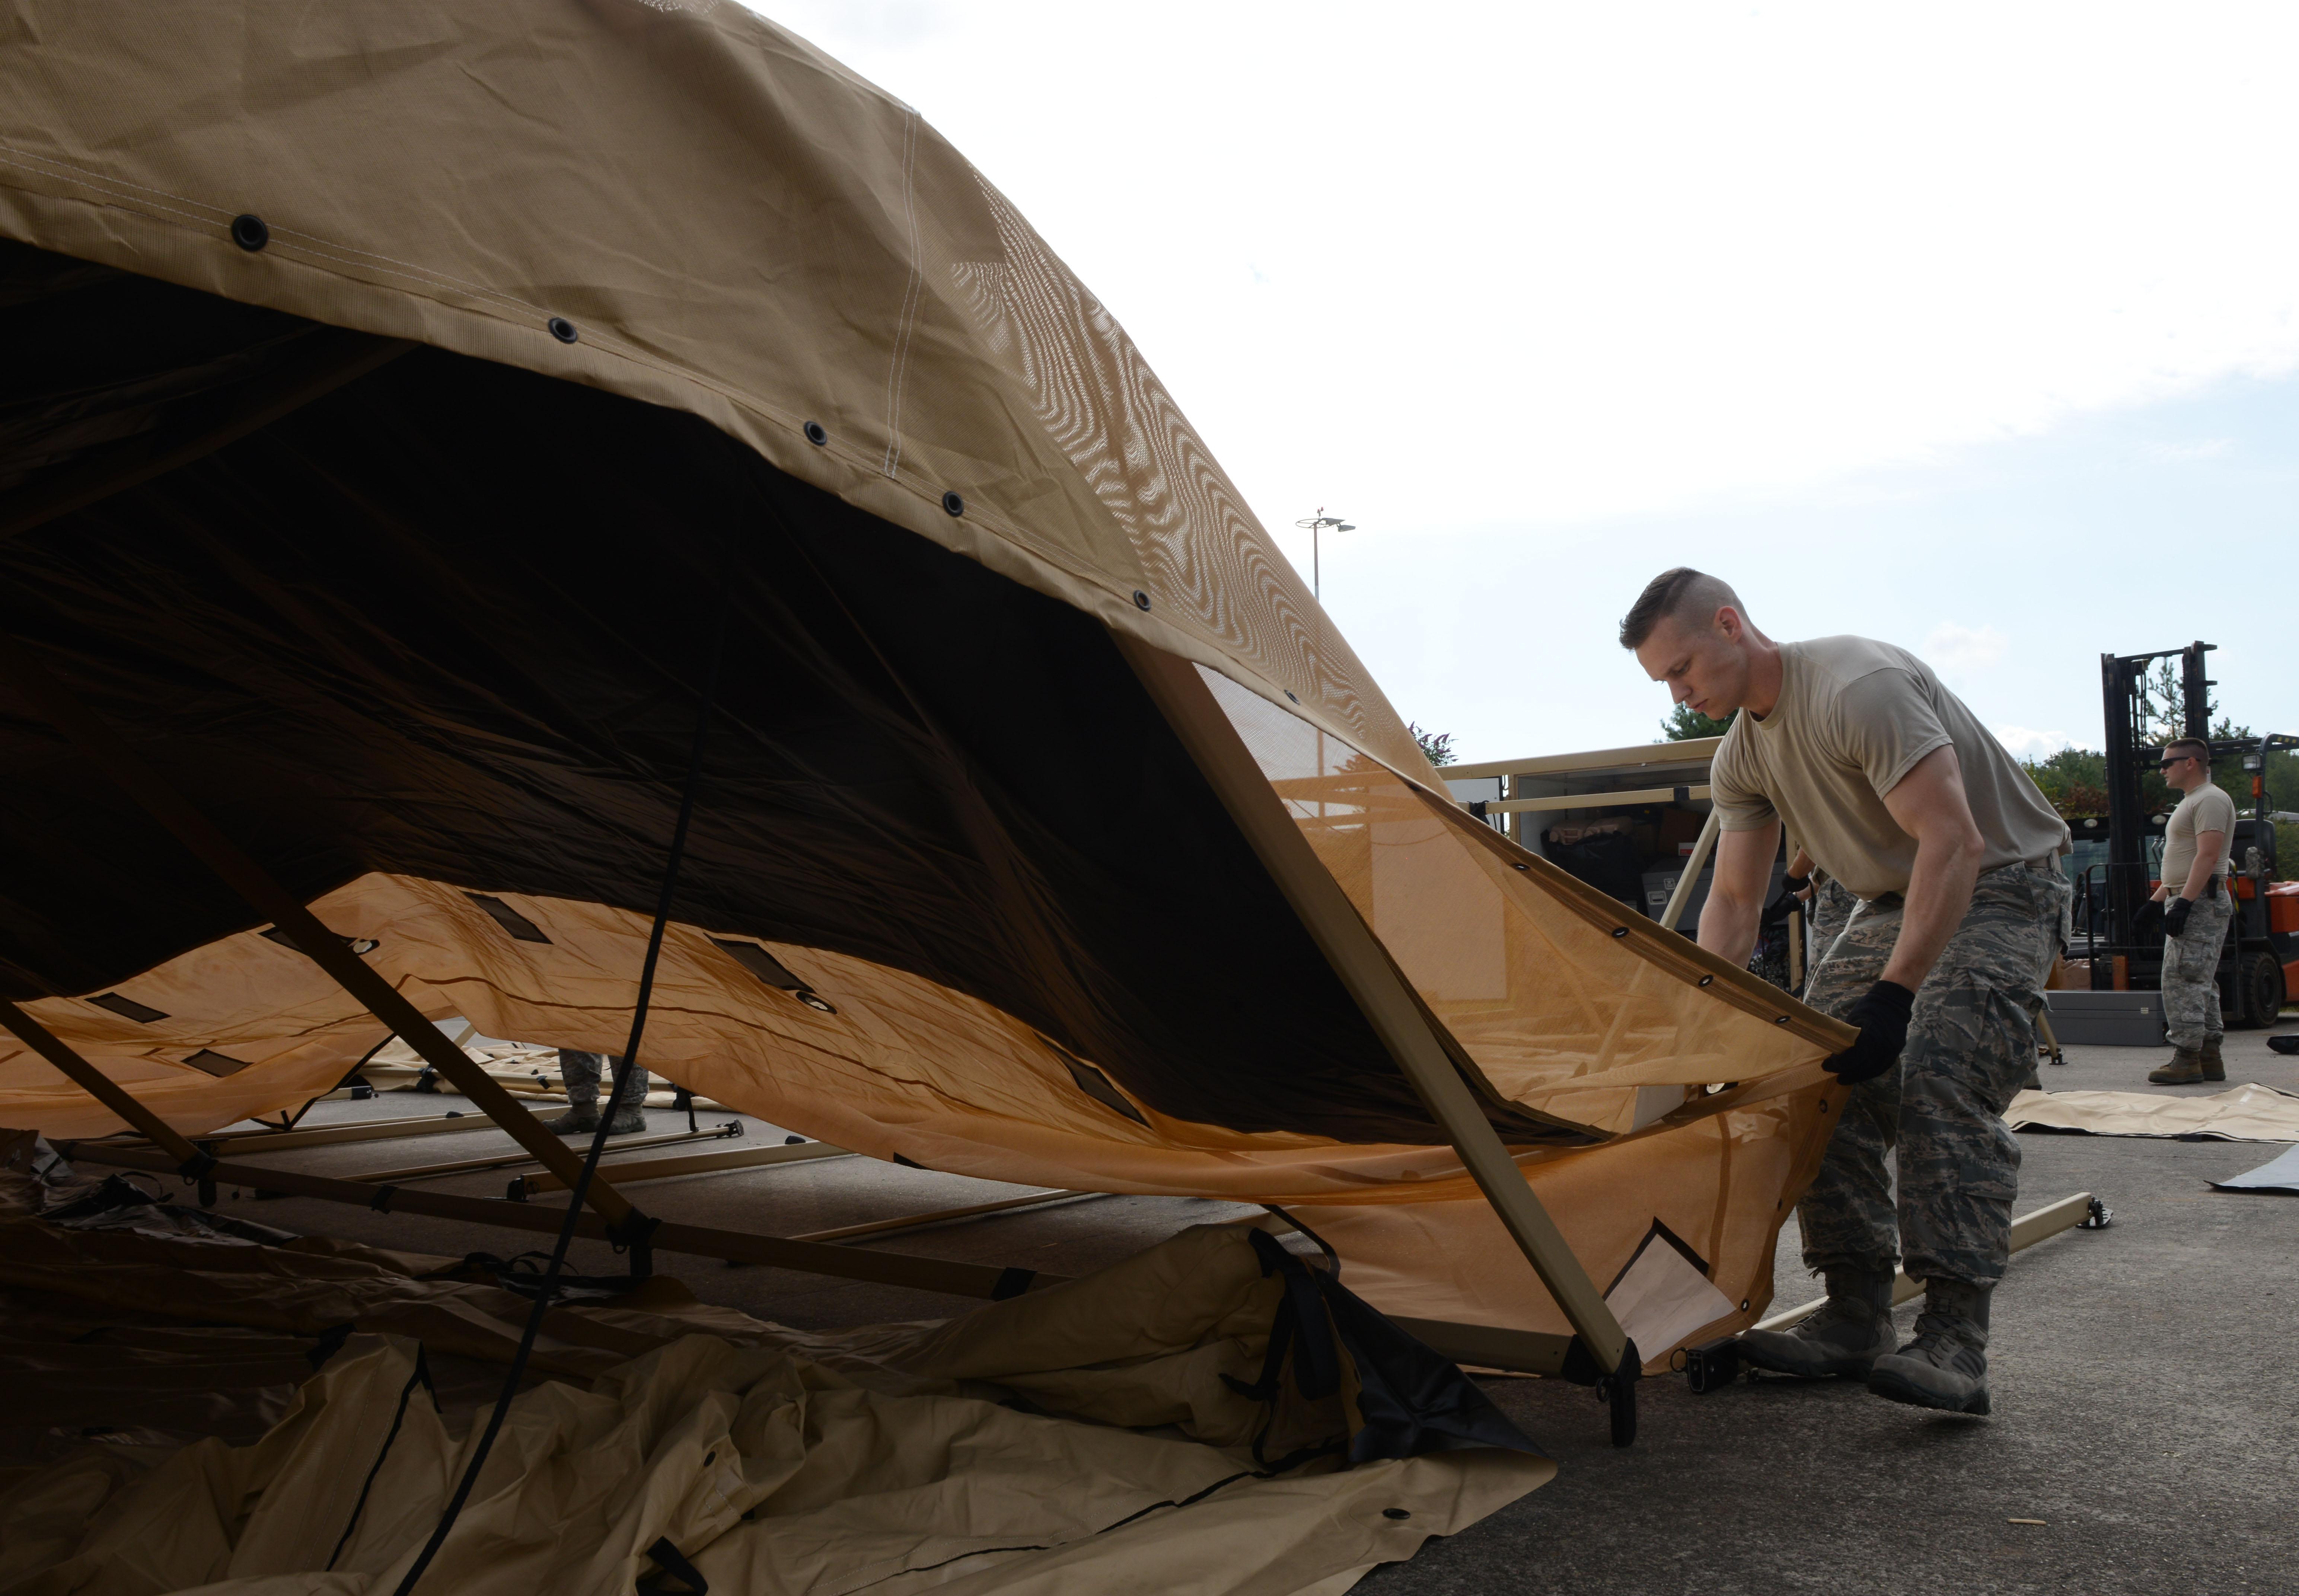 PHOTO DETAILS / DOWNLOAD HI-RES ... & 435th CRG Airmen train on new tents u003e u003cp styleu003dfont-size:20pxu003eU.S. ...